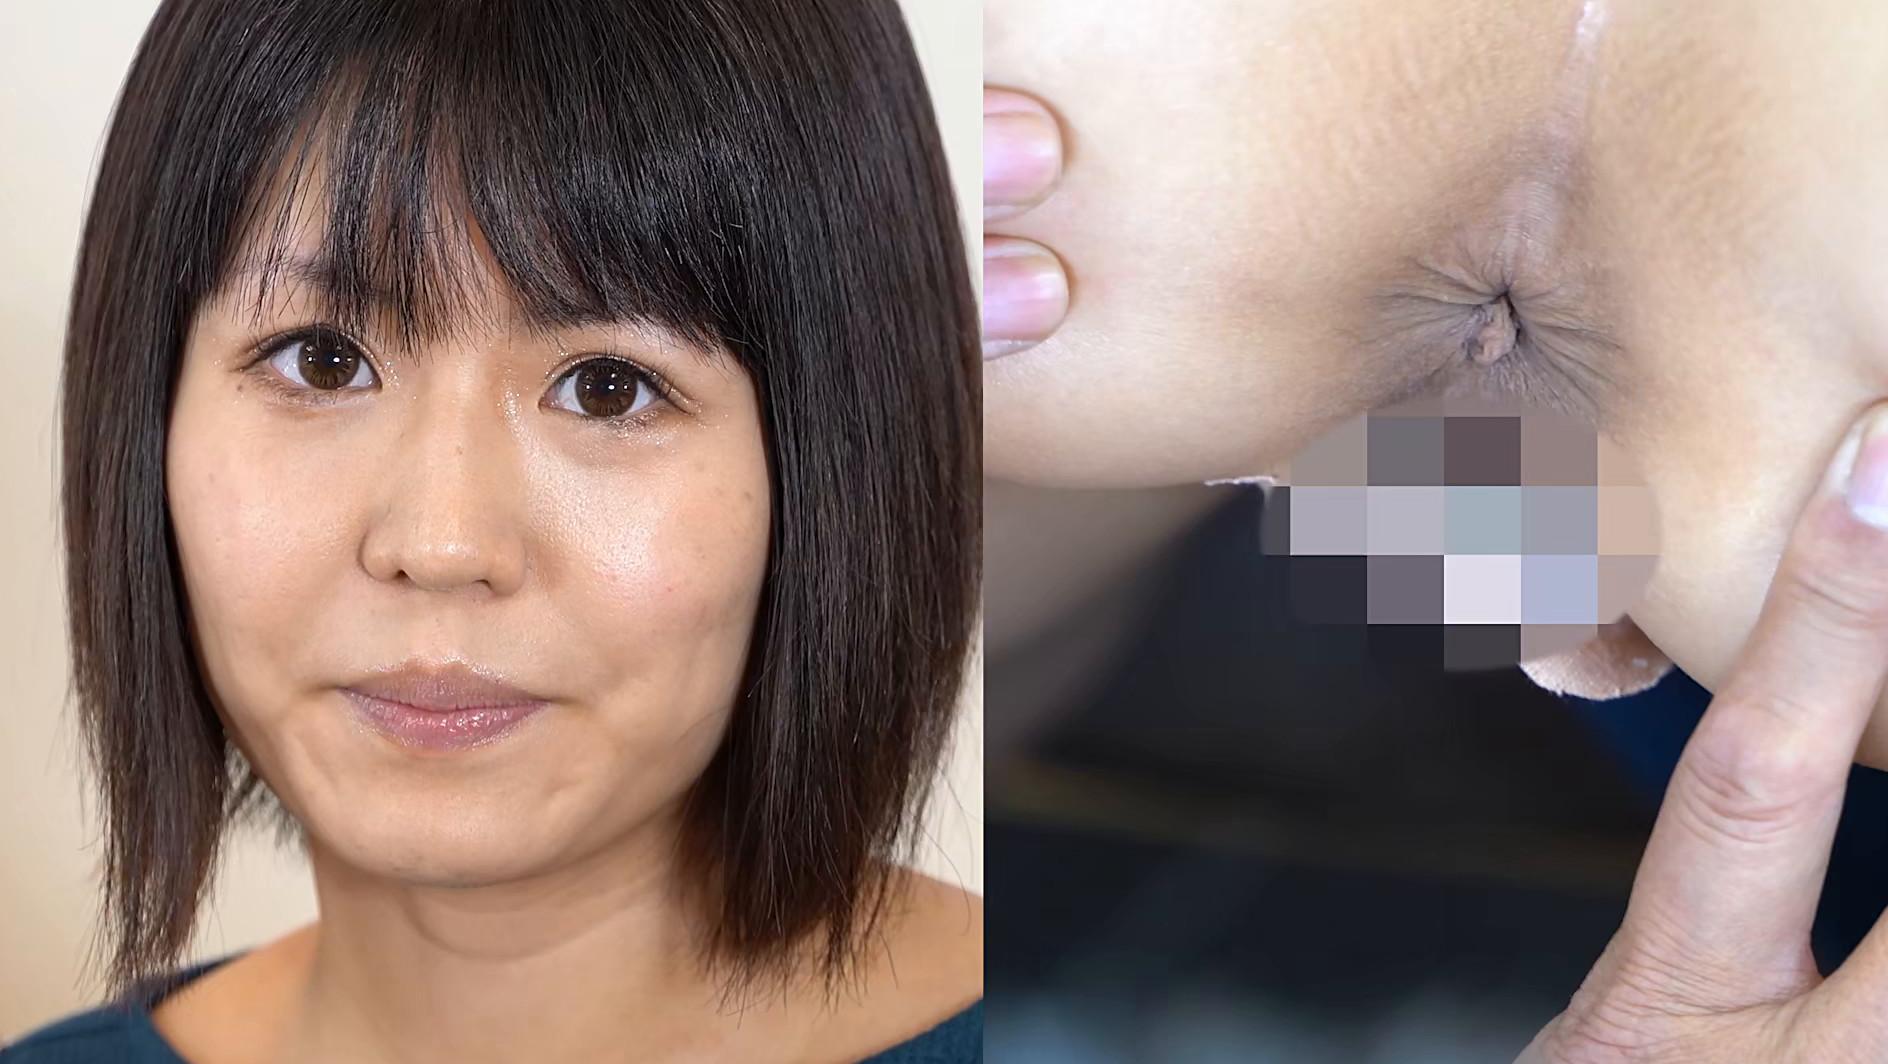 アナルを見せるのはイイけど、オ●ンコは・・・嫌だから前貼りを自分で貼ってお尻の穴を見せてあげる 長谷部智美 画像15